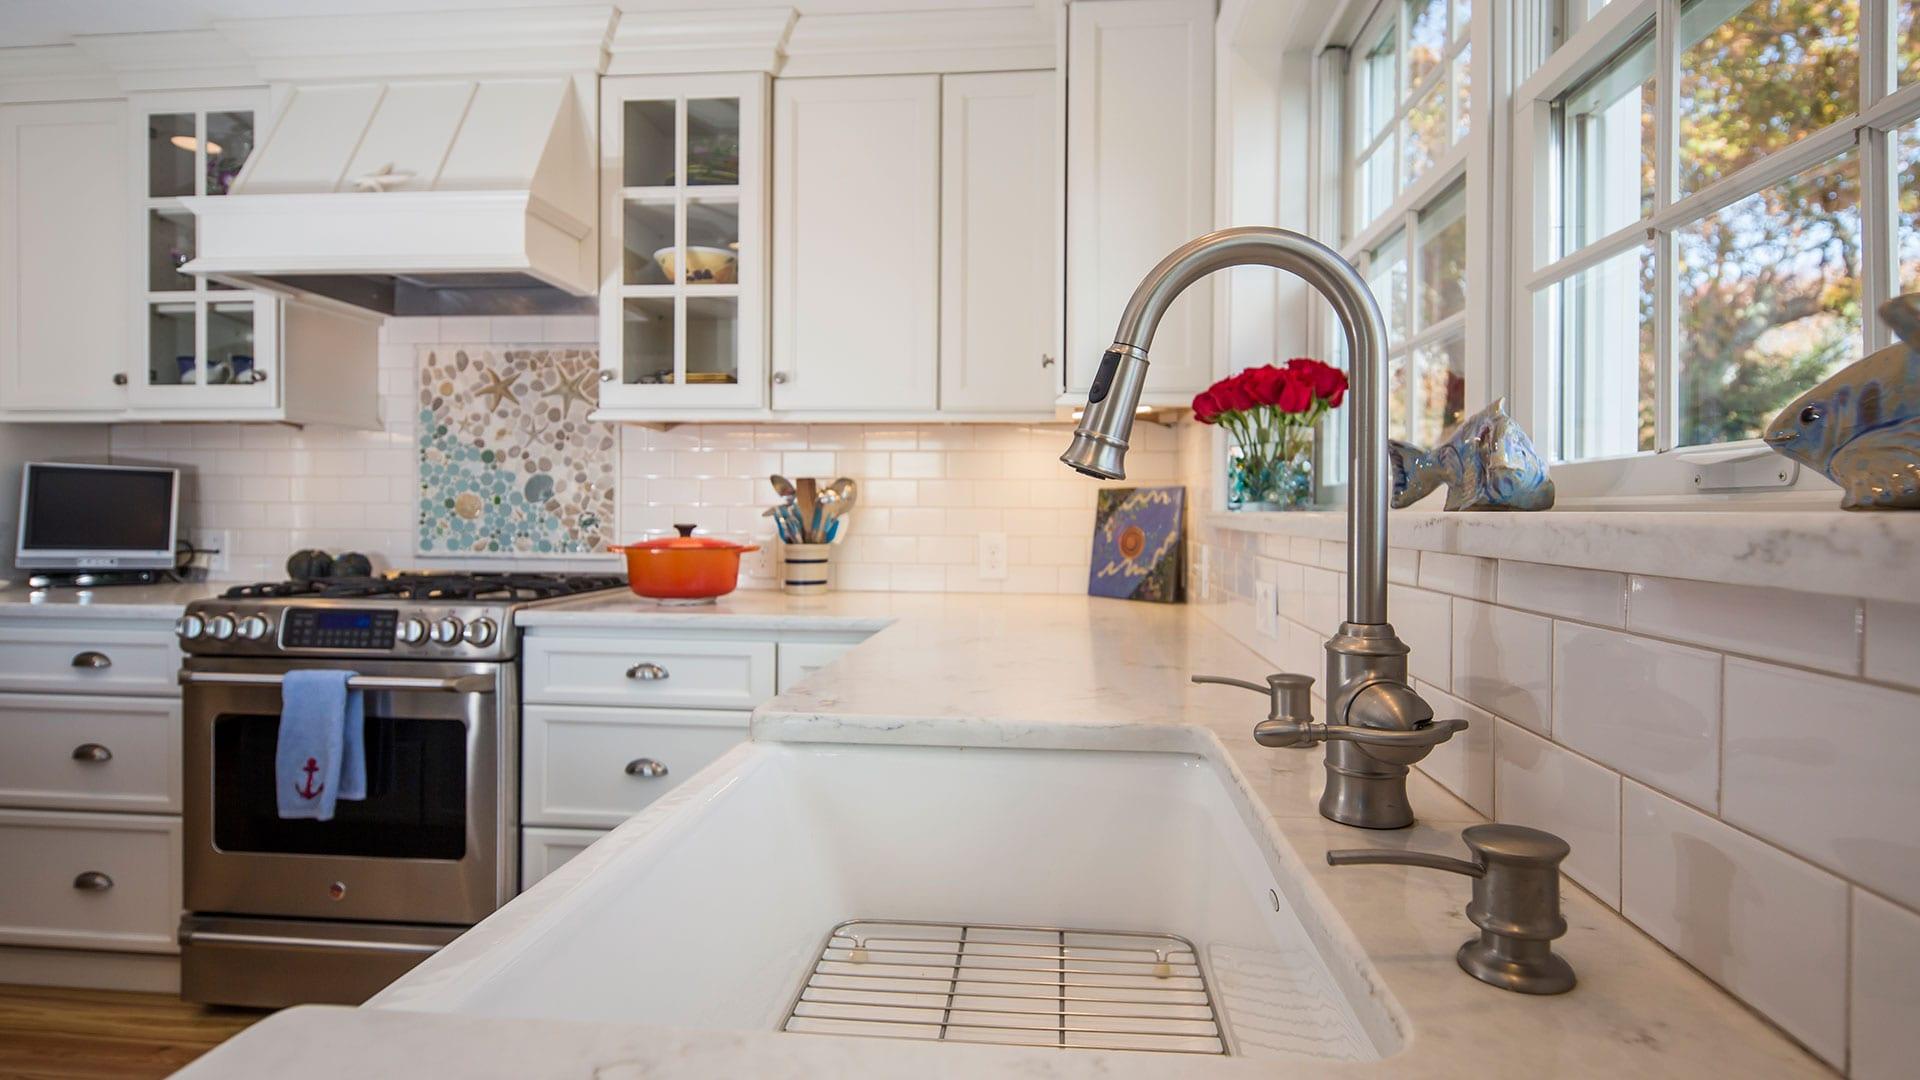 Kitchen Design Cape Cod MA & Custom kitchen Cabinetry Designers and Contractors in Cape Cod